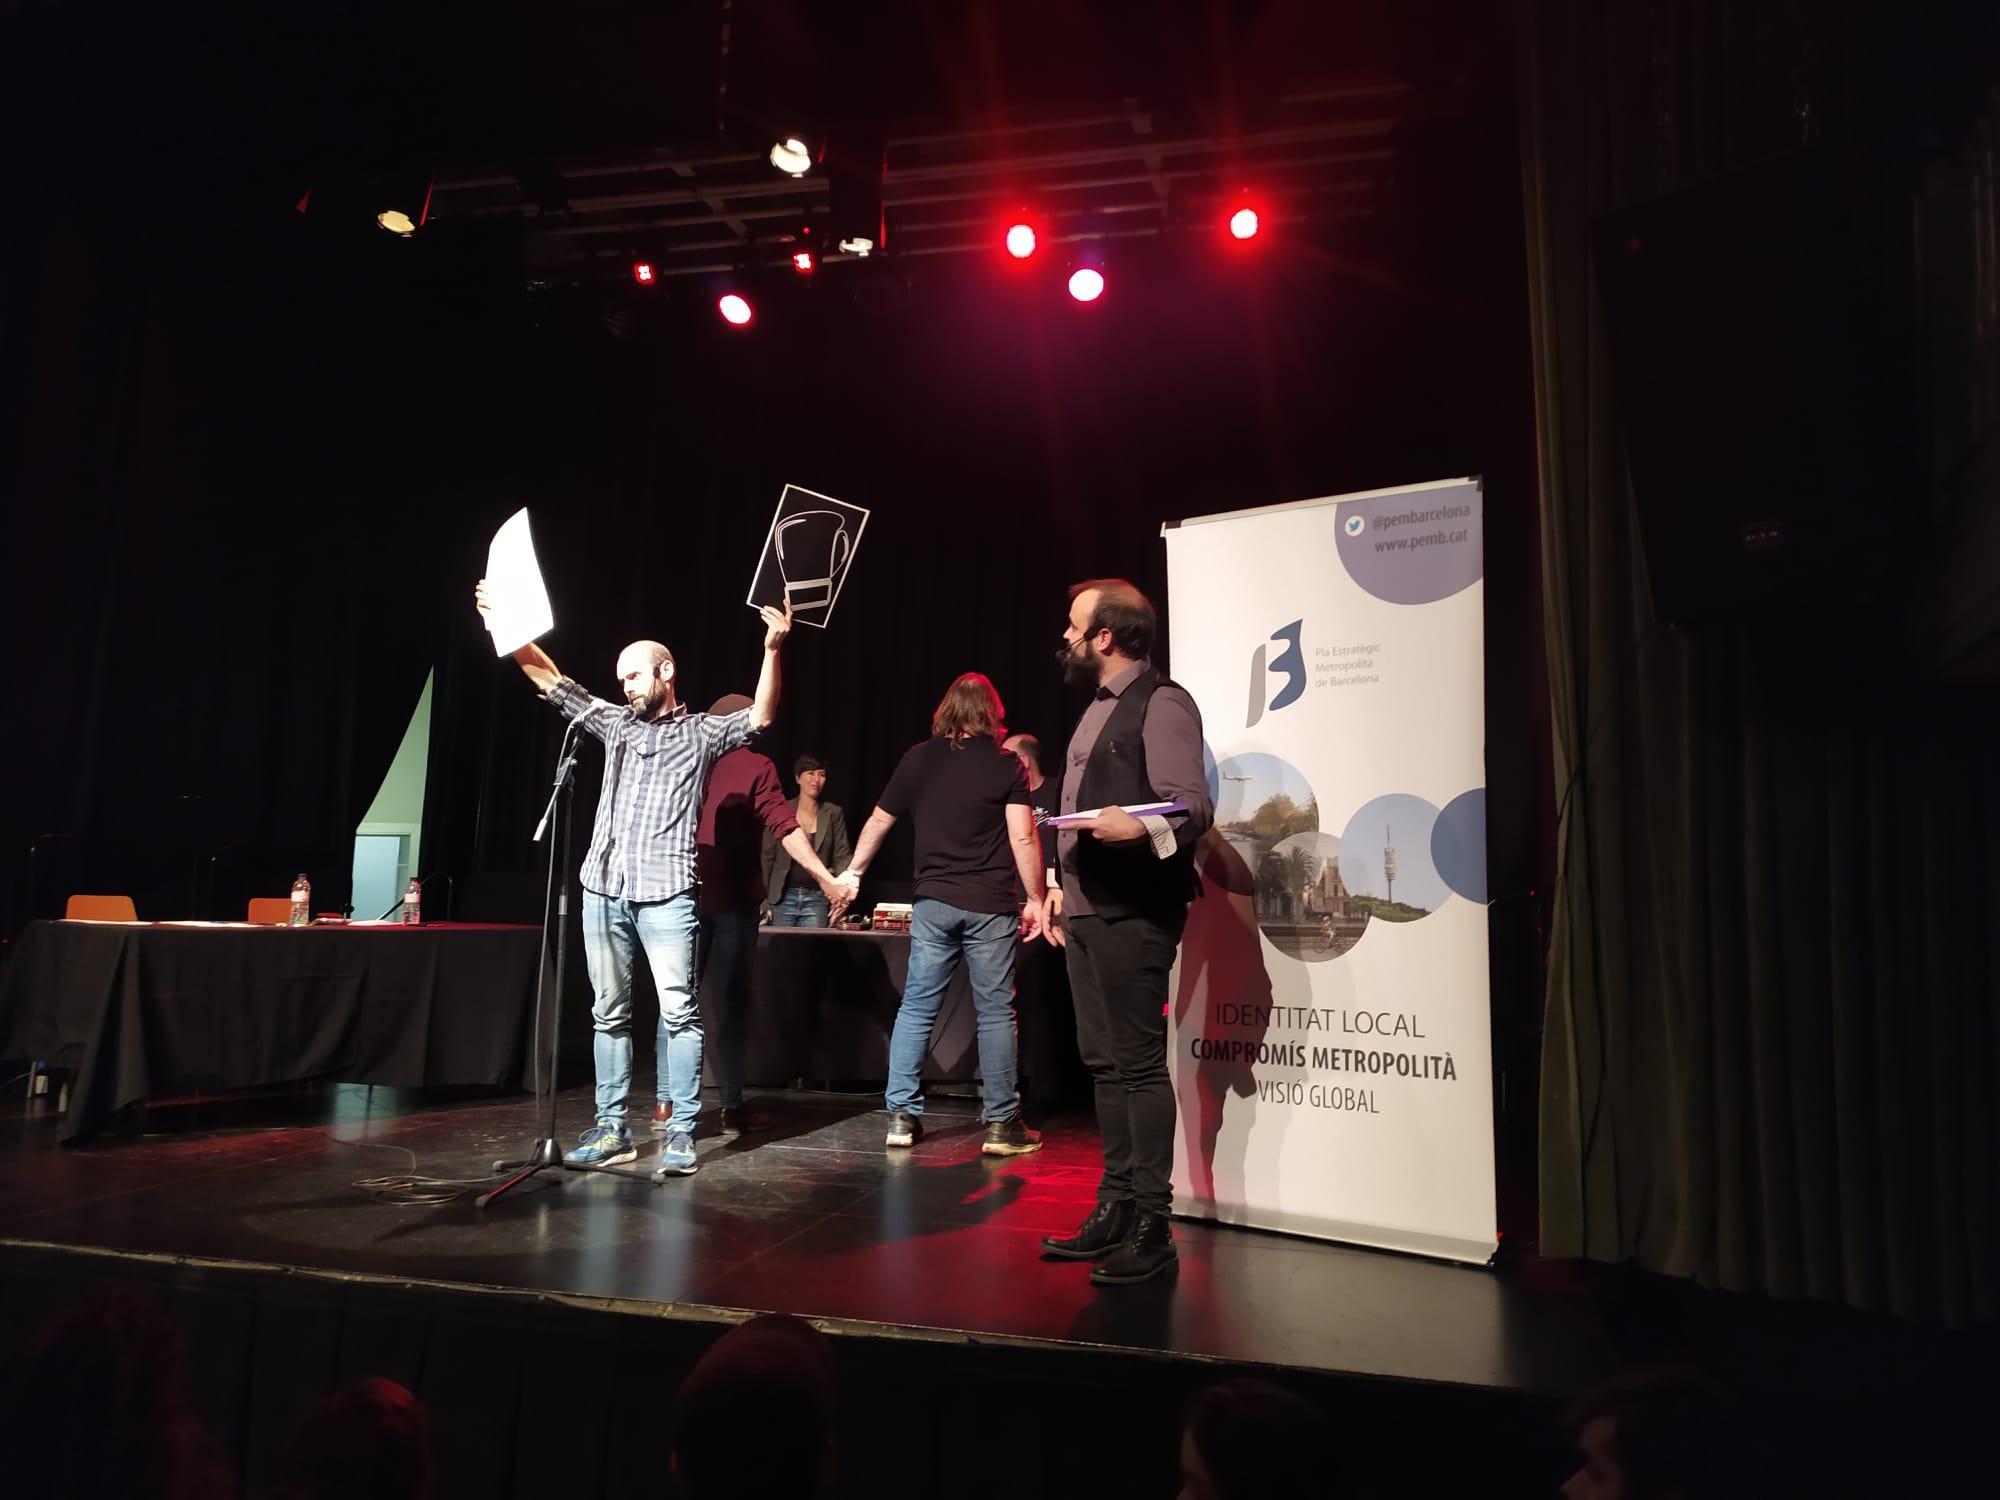 La competició és per parelles i el públic vota amb cartolines